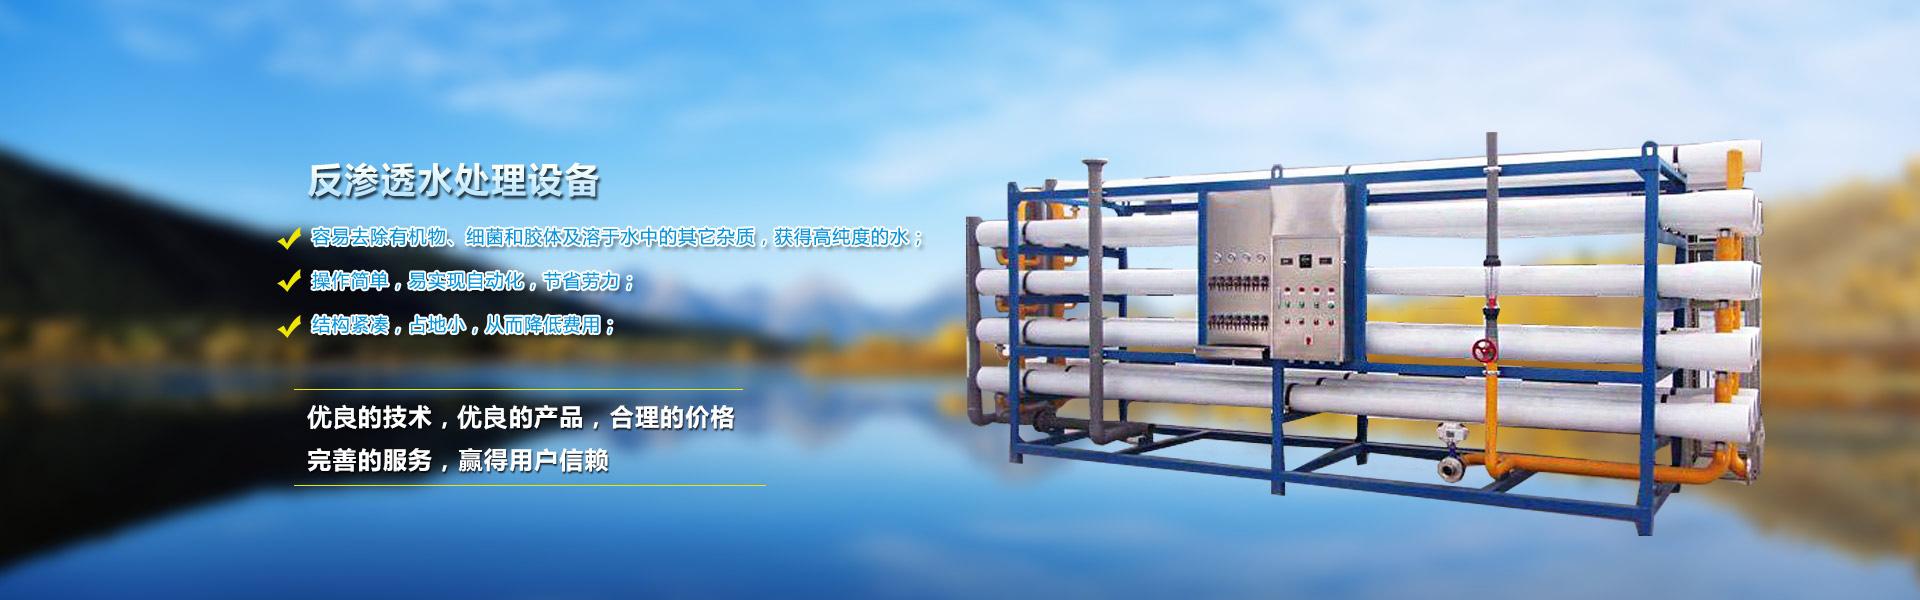 鱼台县胜王水处理设备有限公司